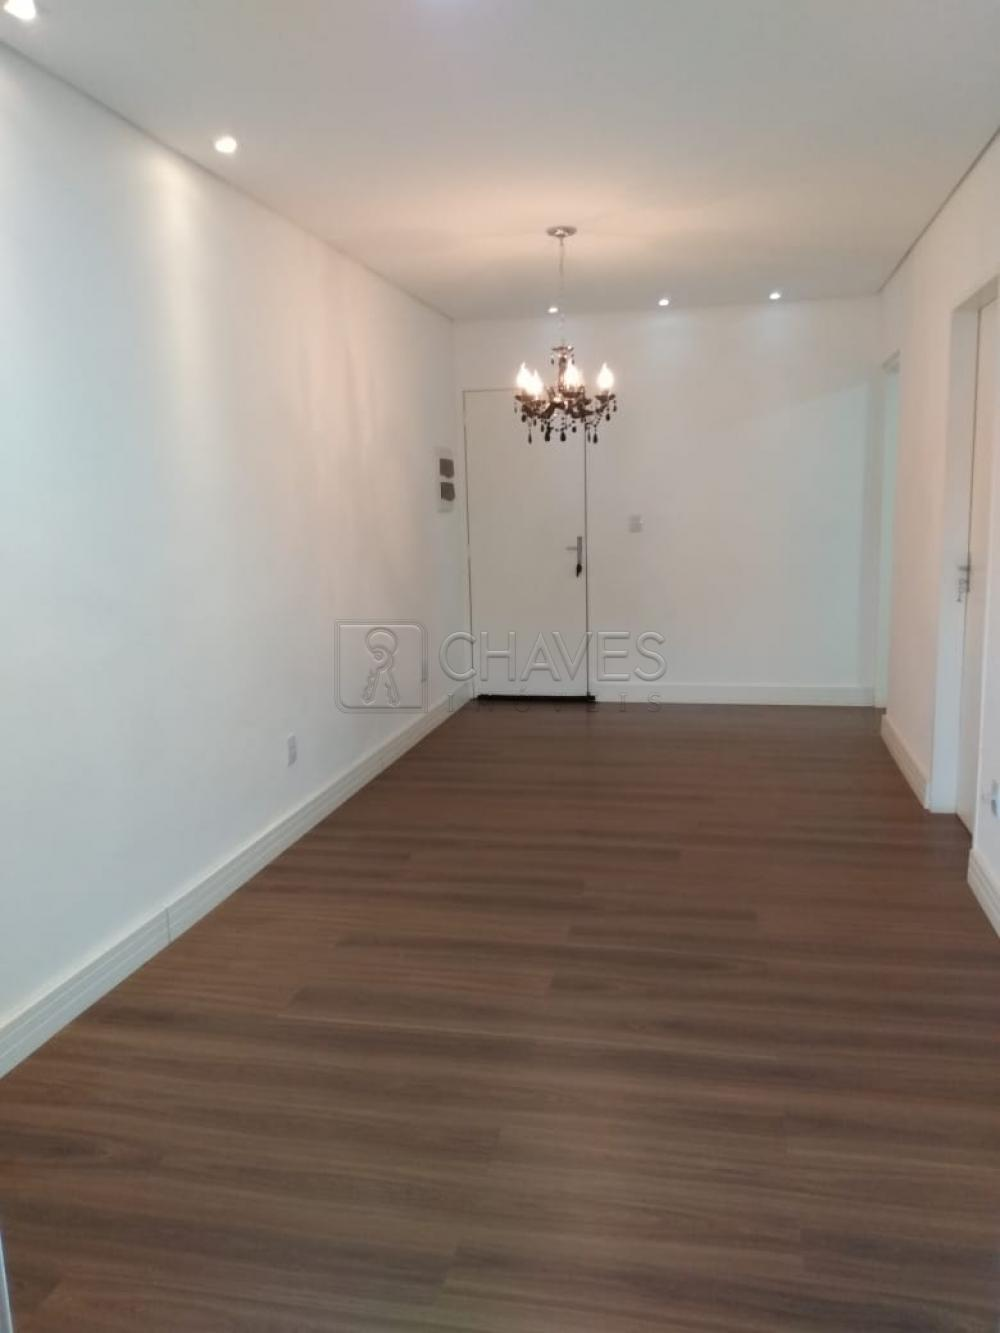 Comprar Apartamento / Padrão em Brodowski R$ 150.000,00 - Foto 2